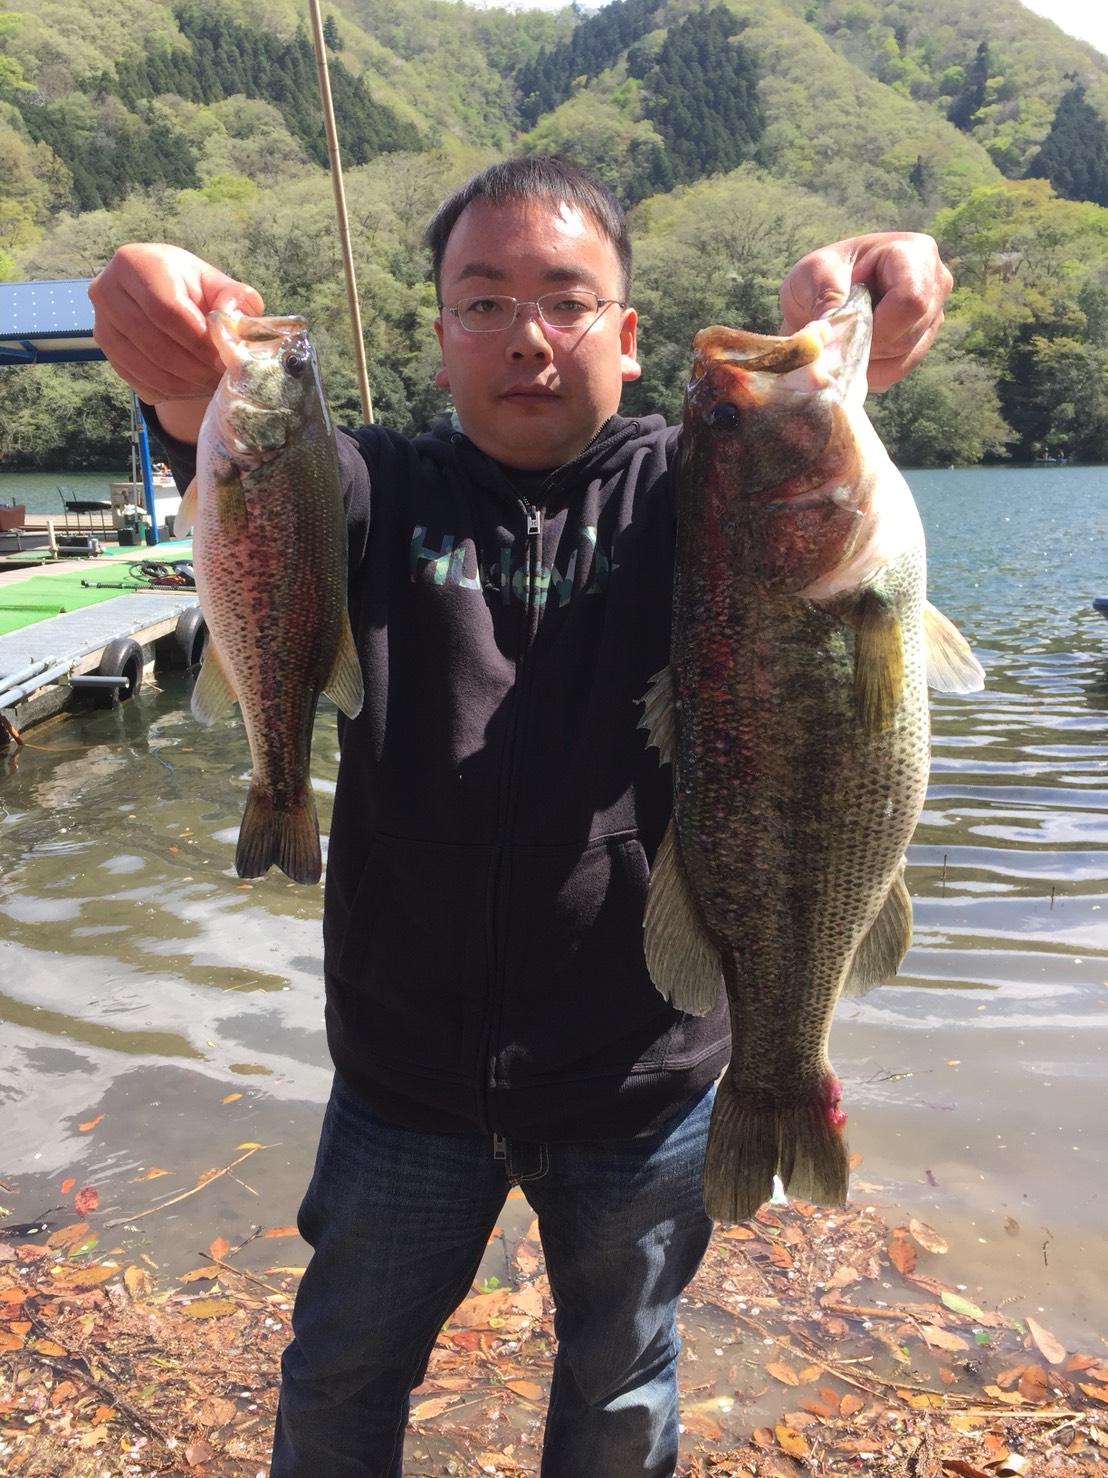 相模湖にてジグ03ハンツ+ドライブビーバー3.5″でビッグフィッシュがキャッチされました!!